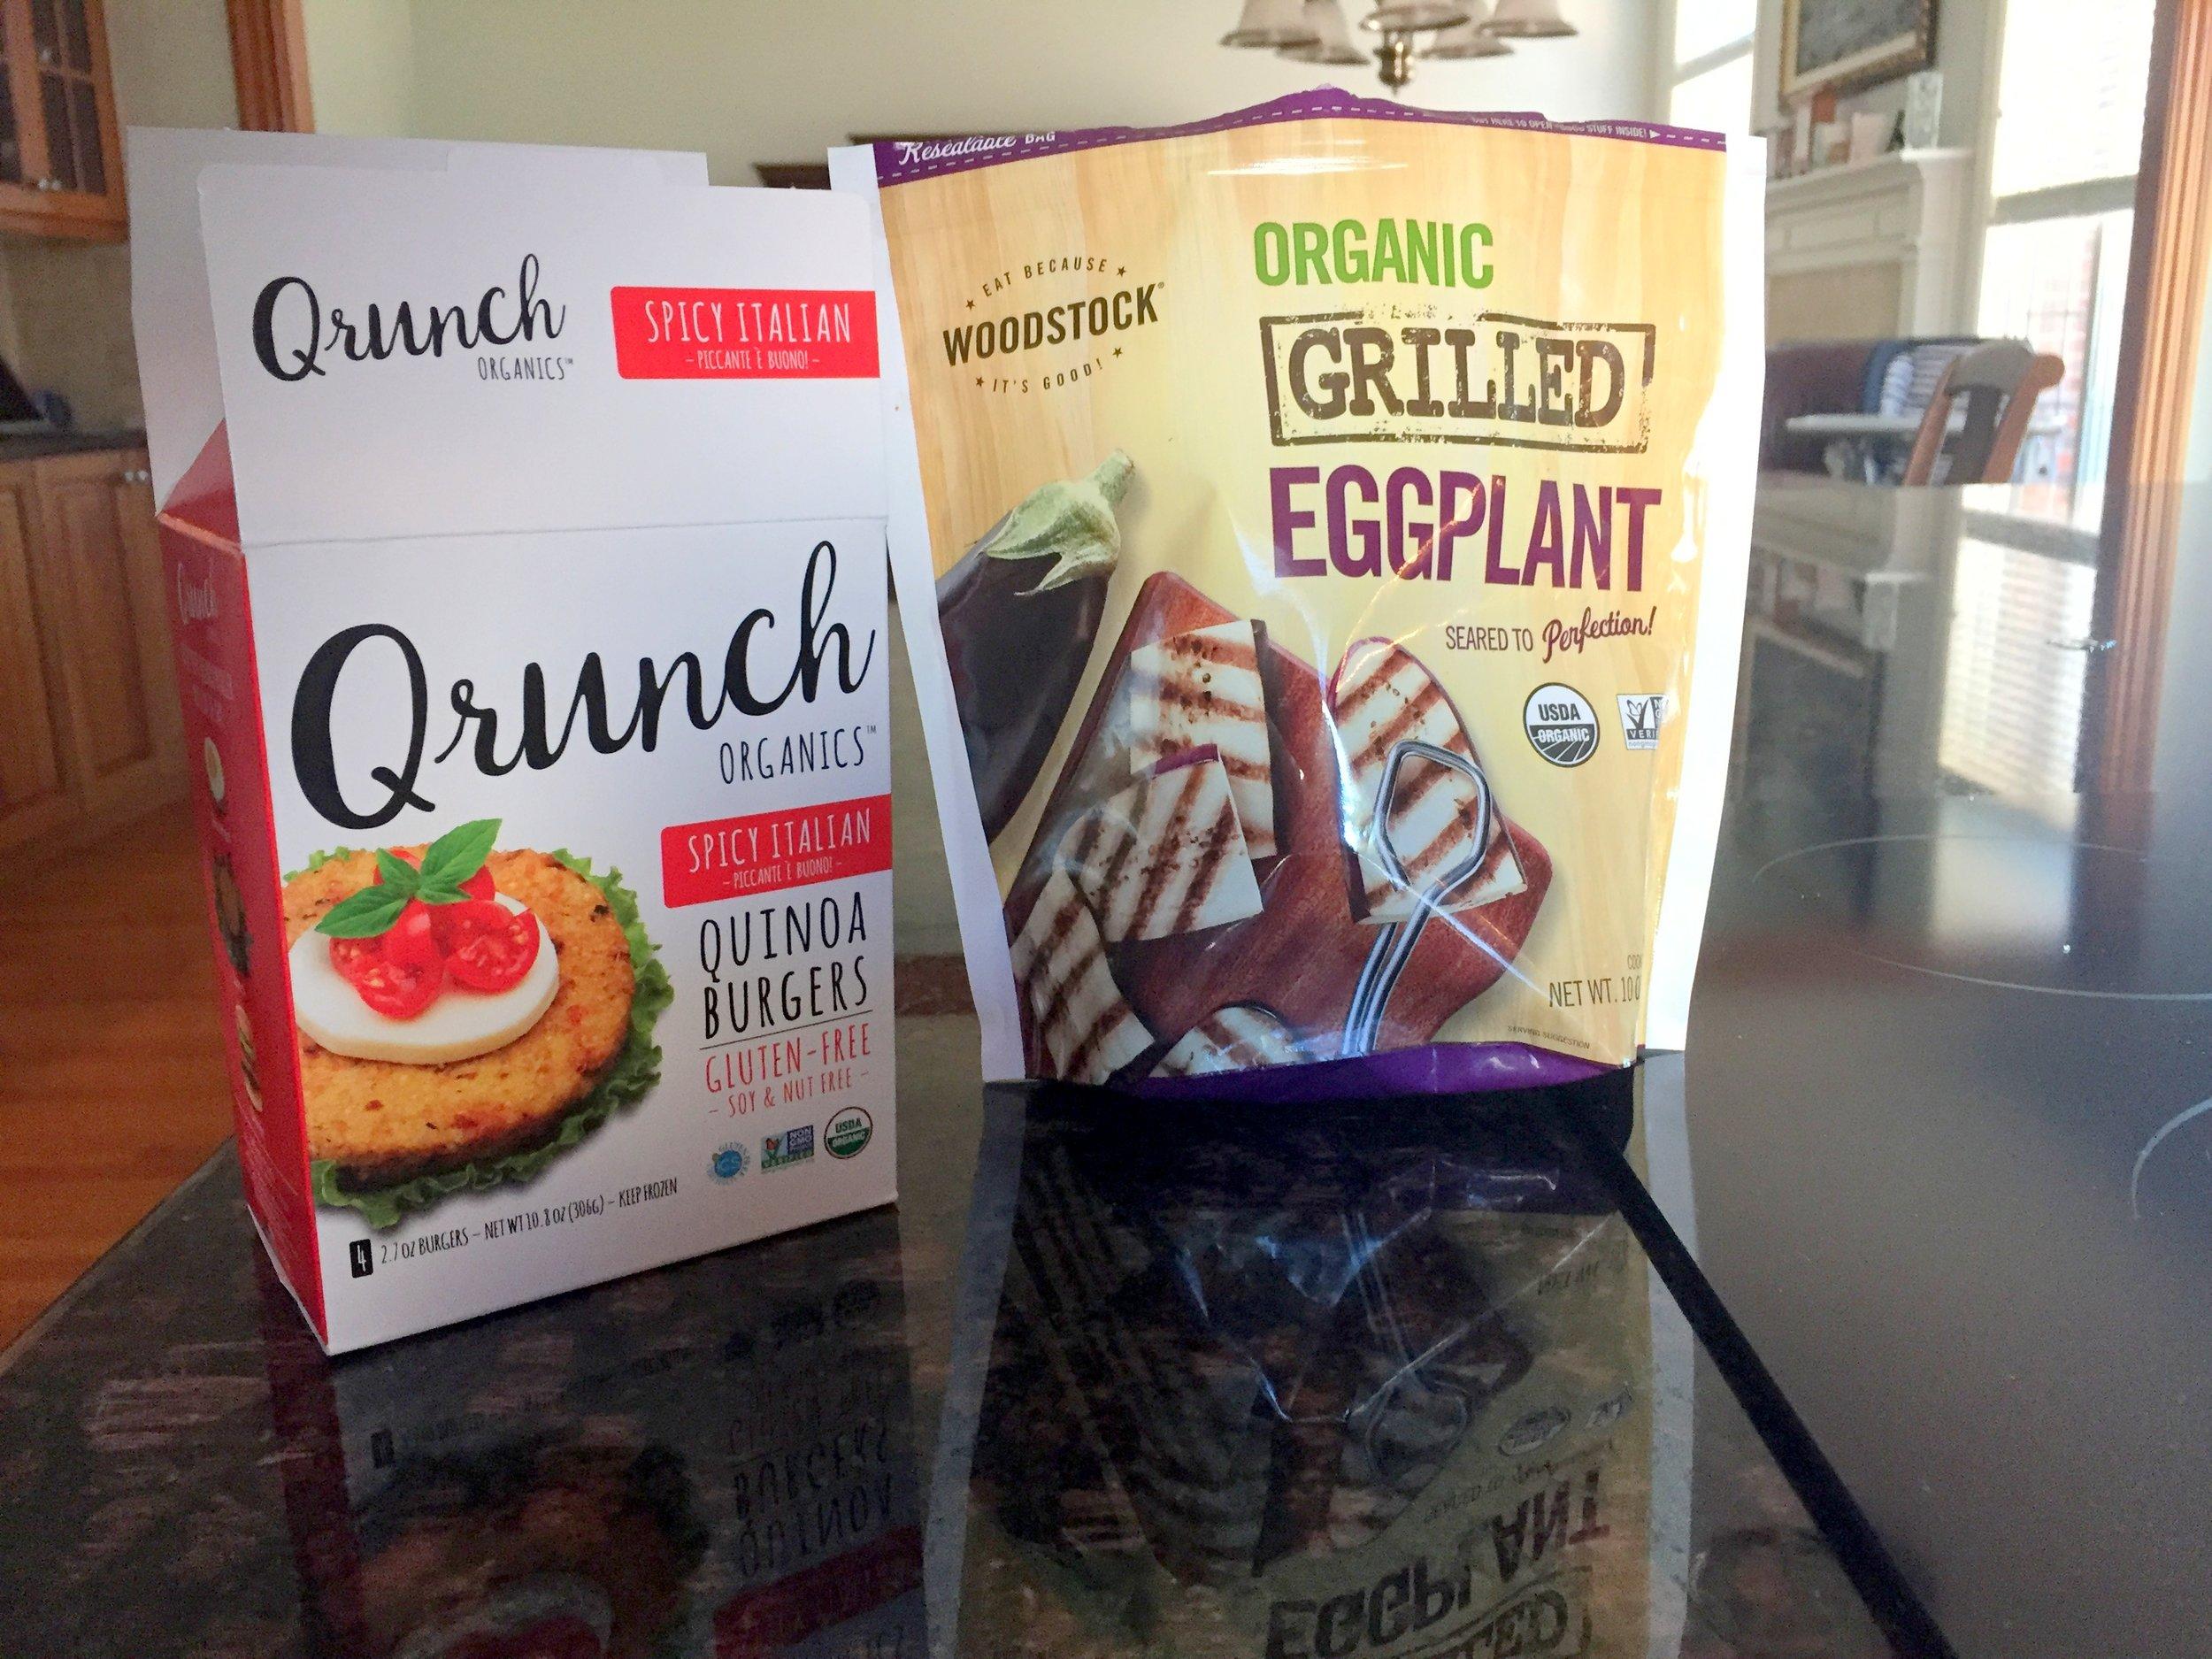 qrunch quinoa burgers